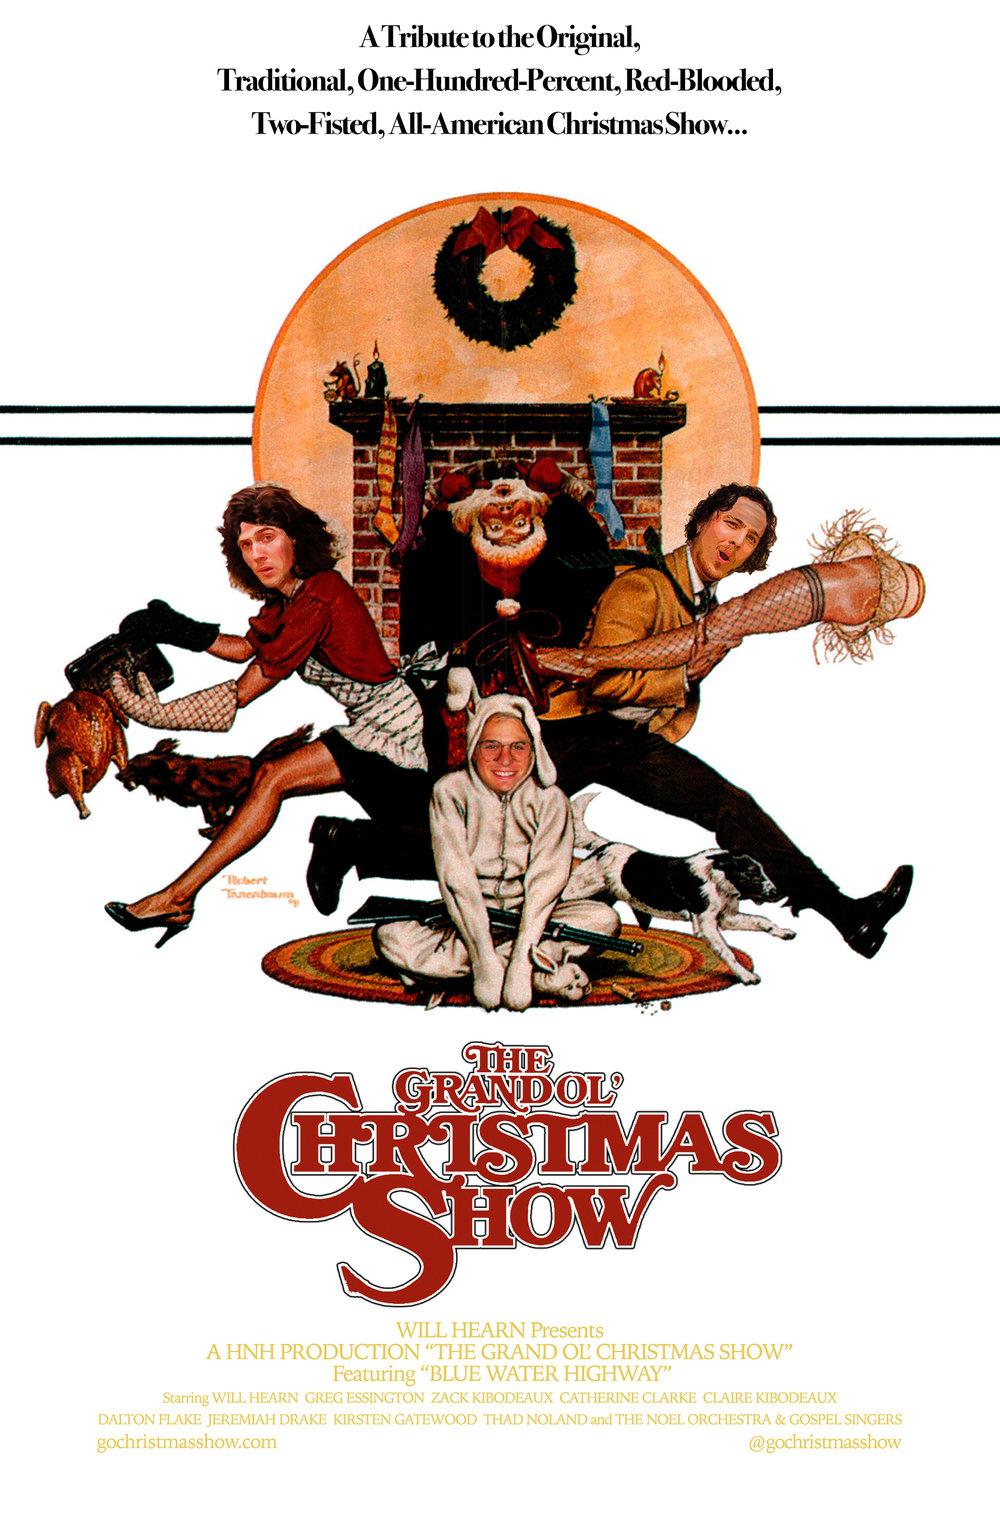 The Christmas Show, 2003